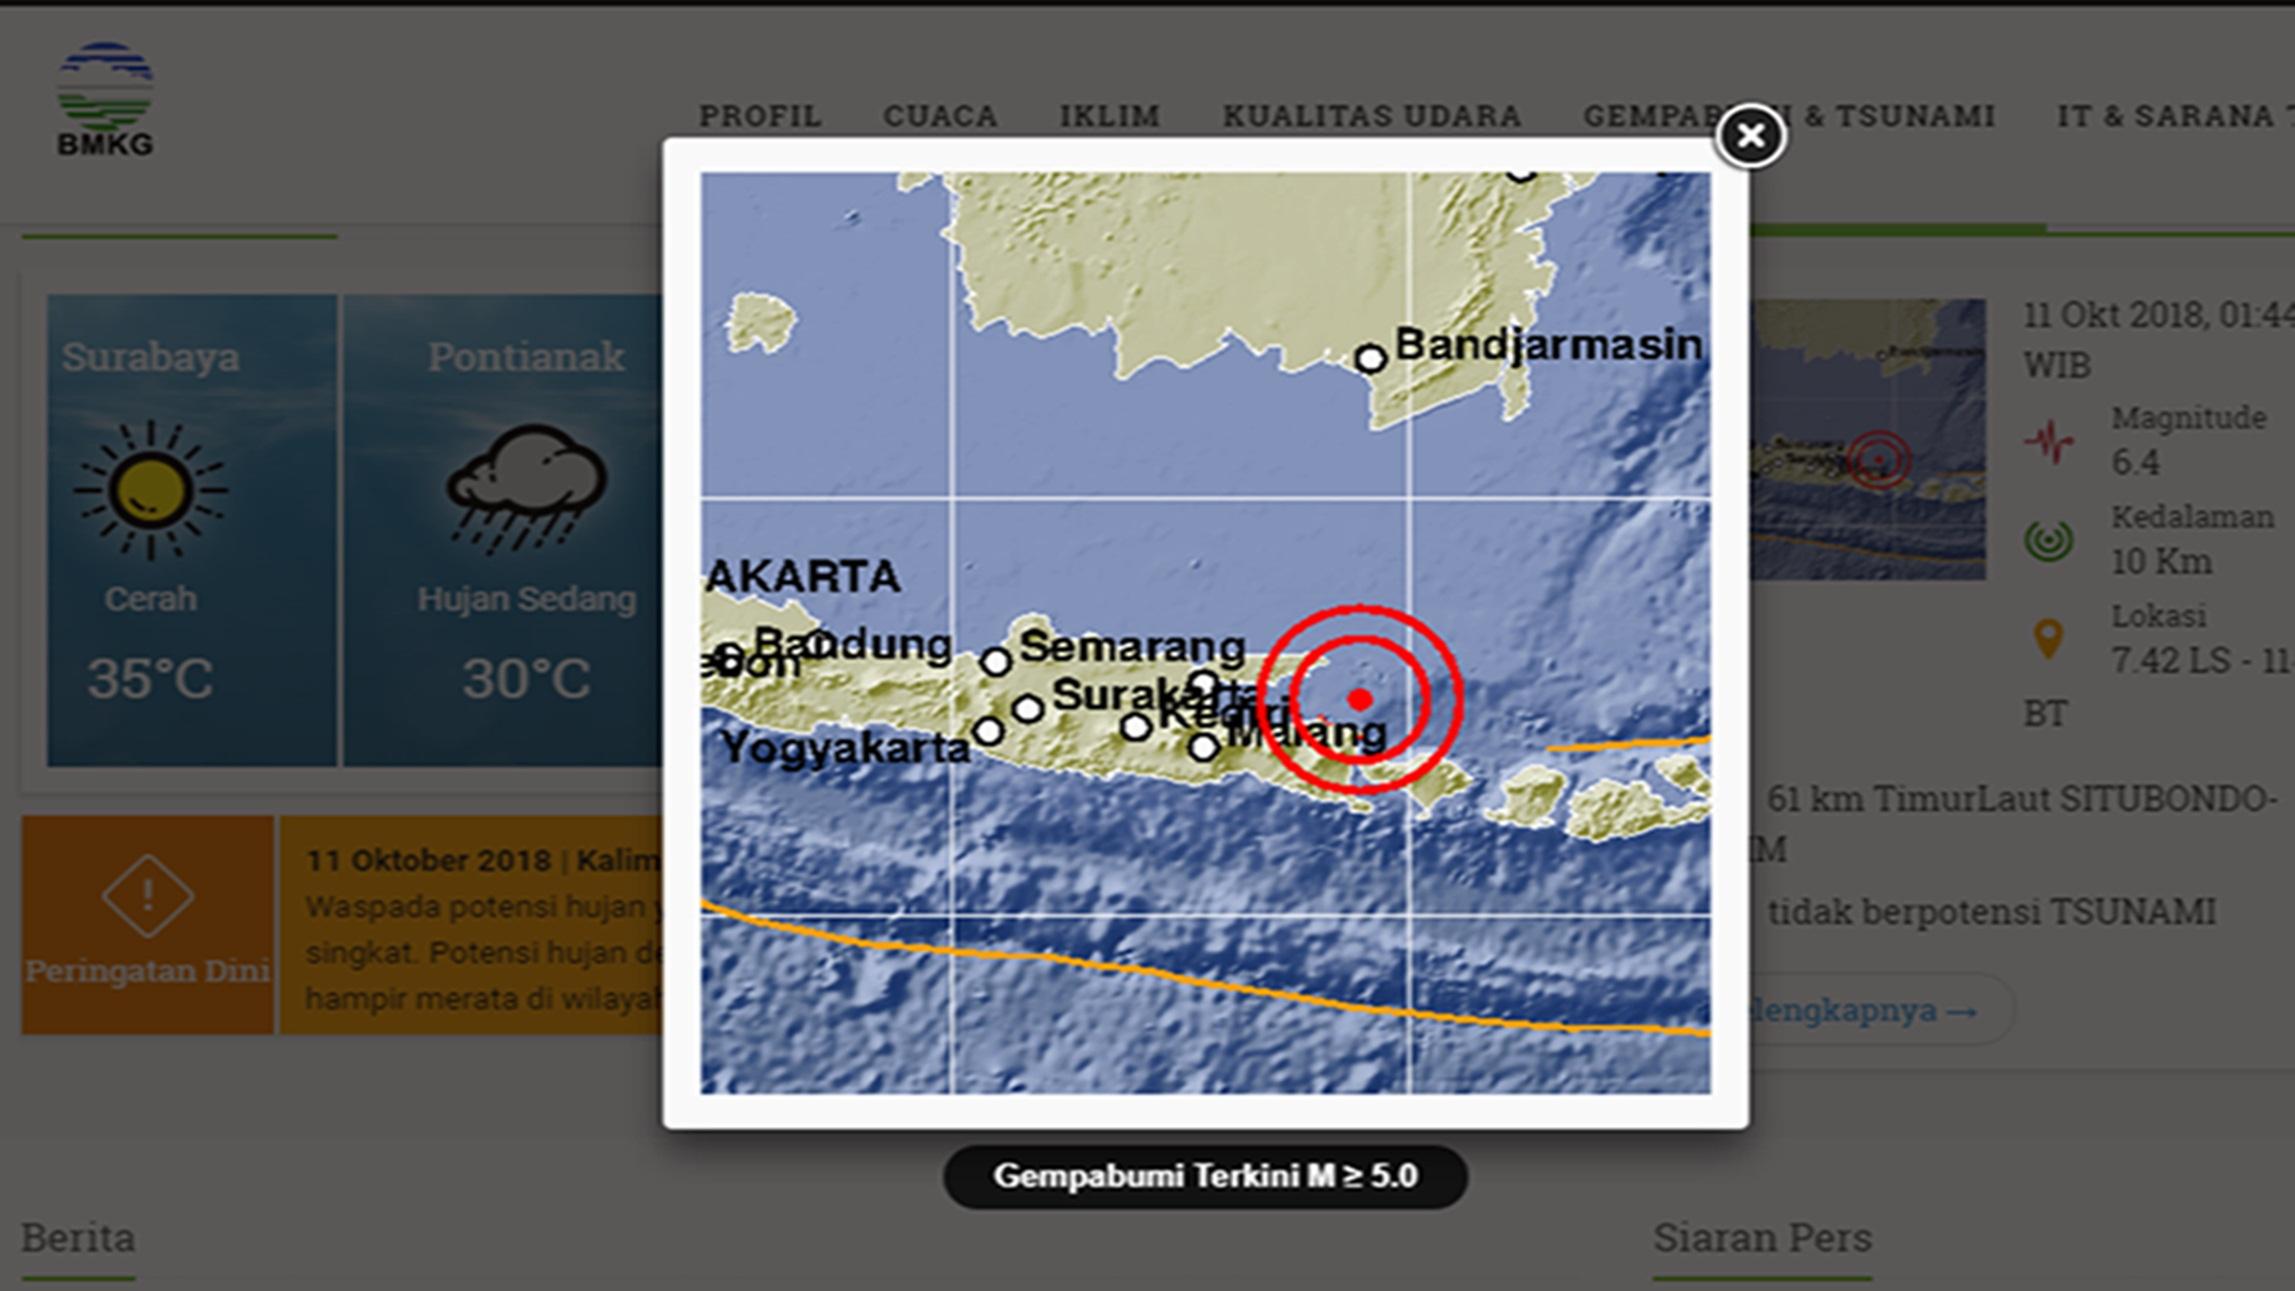 Situbondo Diguncang Gempa 6,4 SR, 3 Orang Dilaporkan Tewas